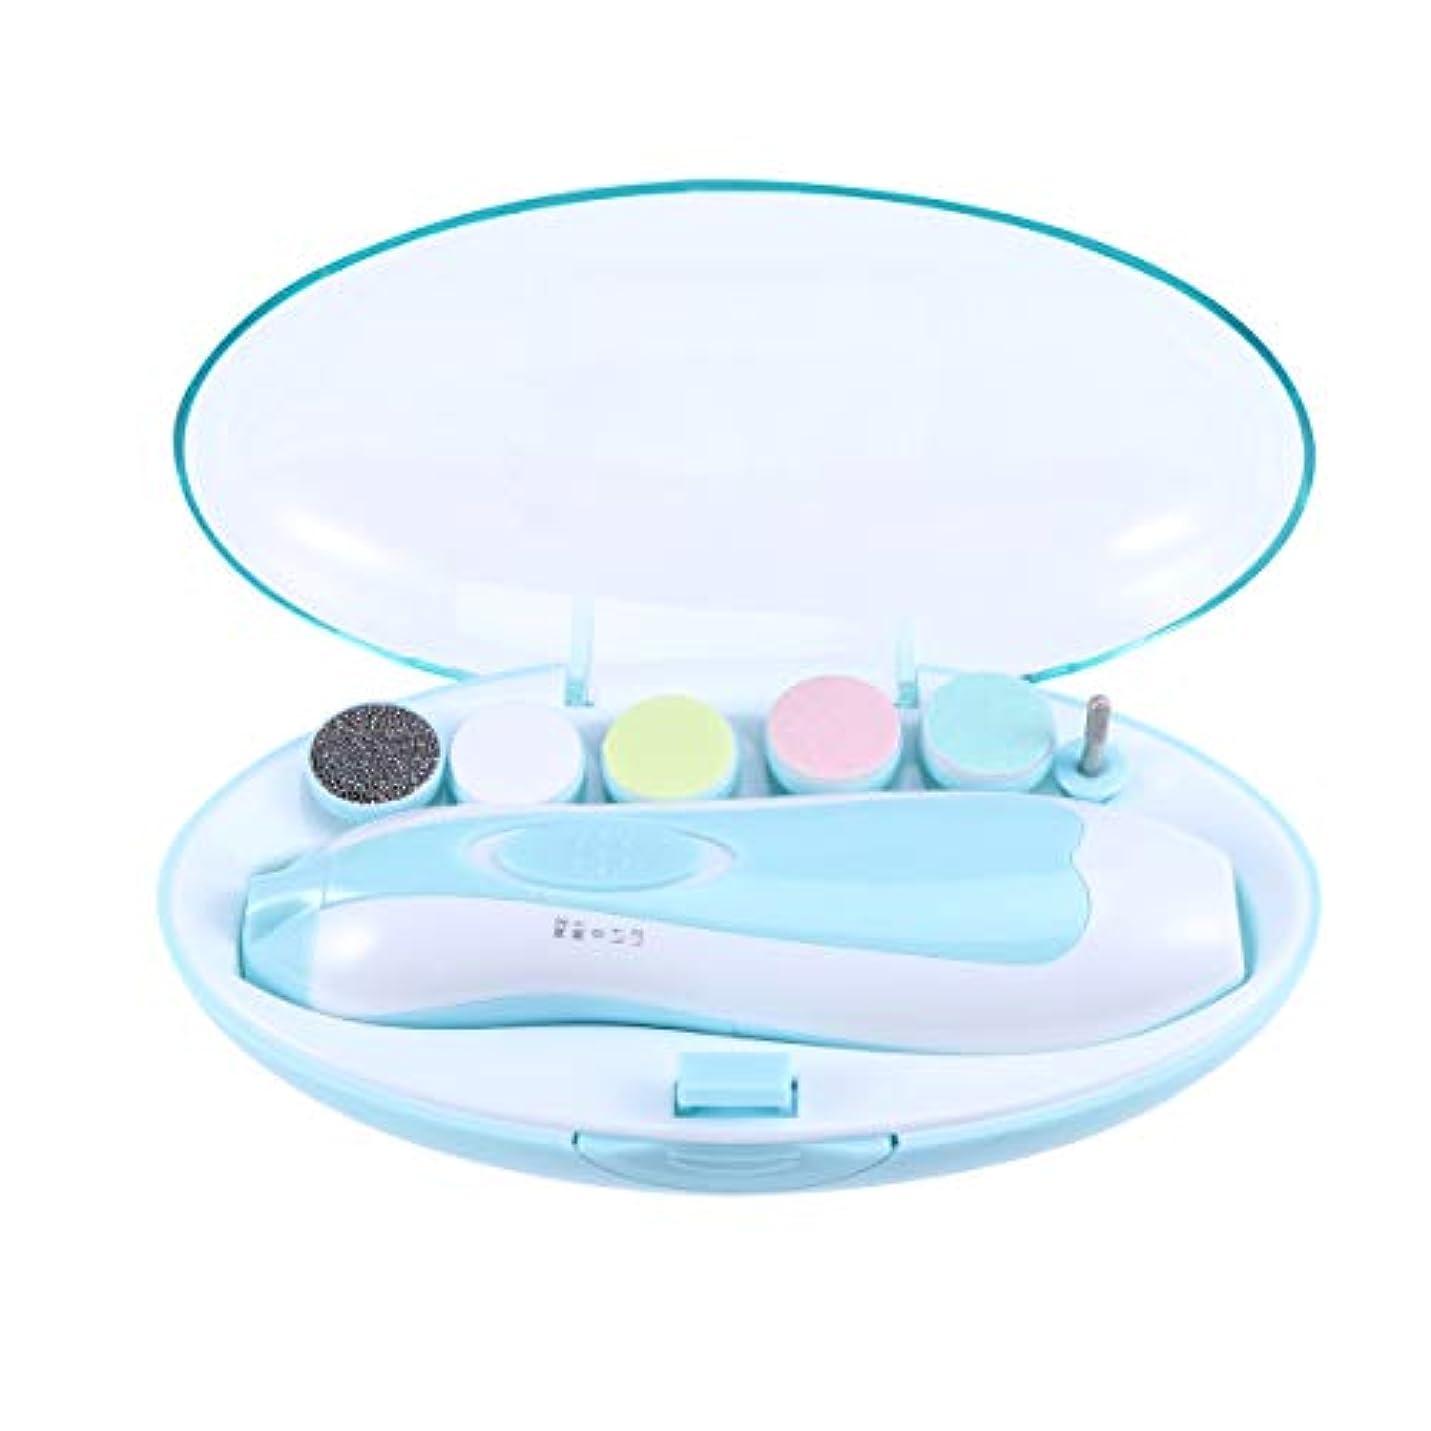 付与また明日ねパンダSUPVOX 赤ん坊の釘ファイル電気赤ん坊の釘のトリマーの幼児/幼児/子供のための多機能のネイルポリッシャー